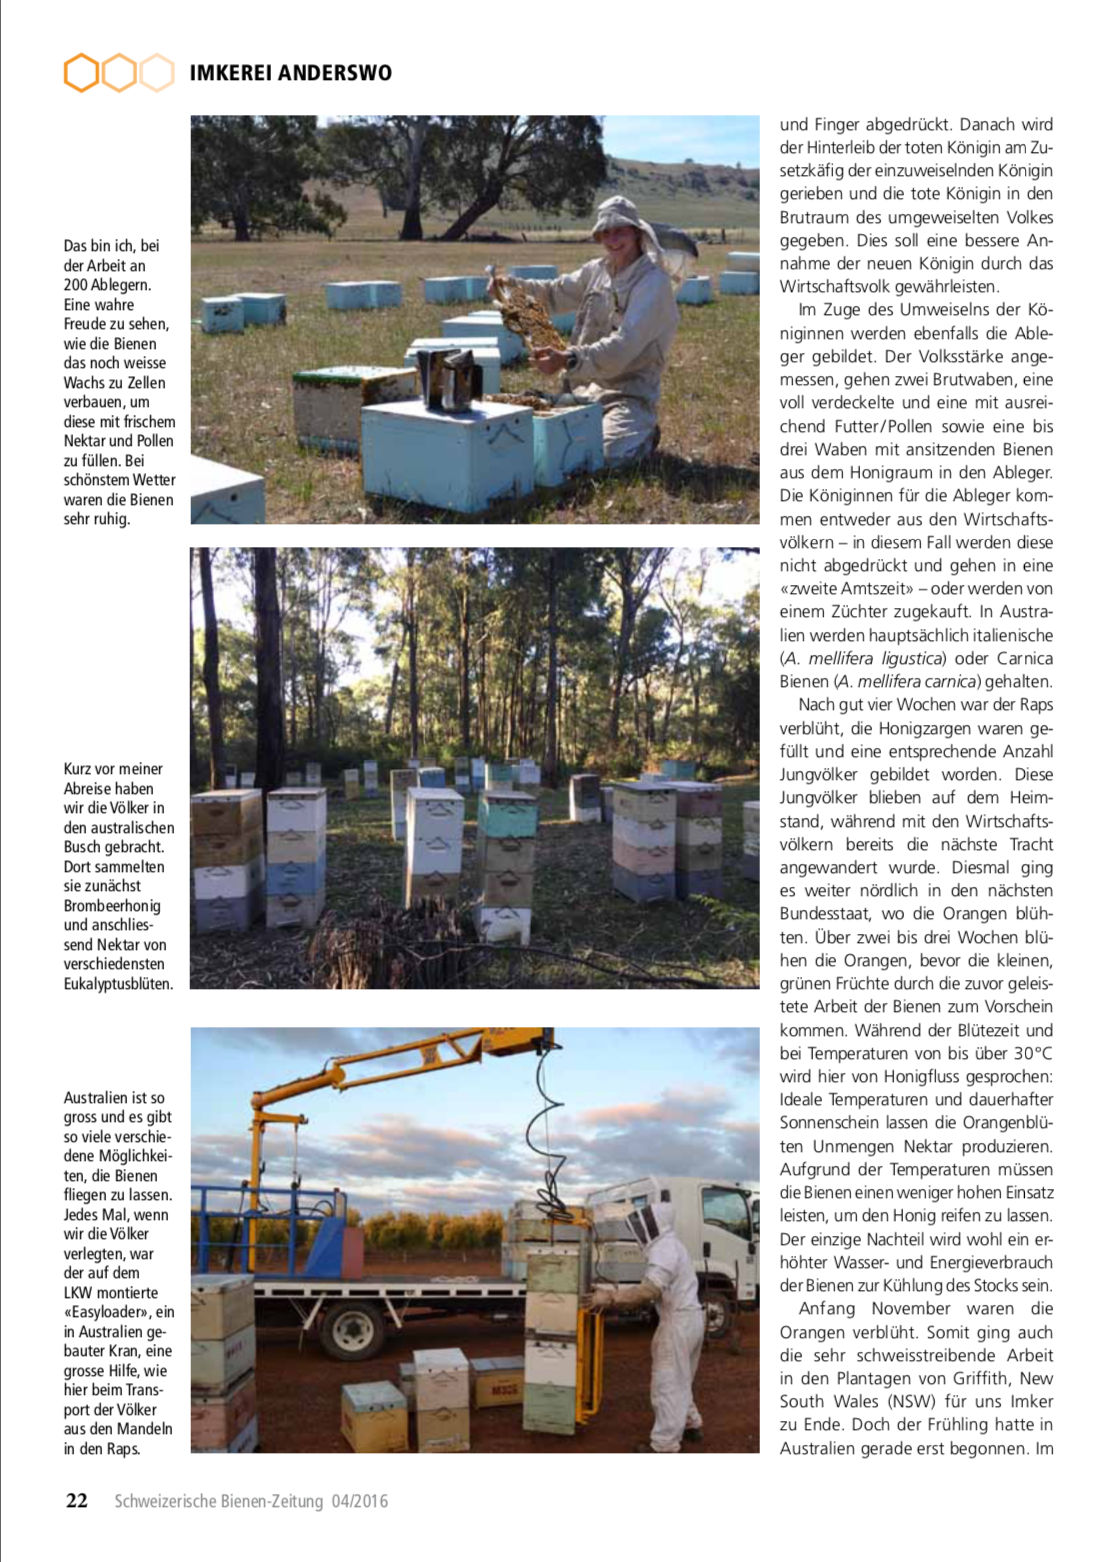 Artikel Imker auf Weltreise-erste Station: Australien Seite 3 Schweizerische Bienenzeitung Felix Mrowka